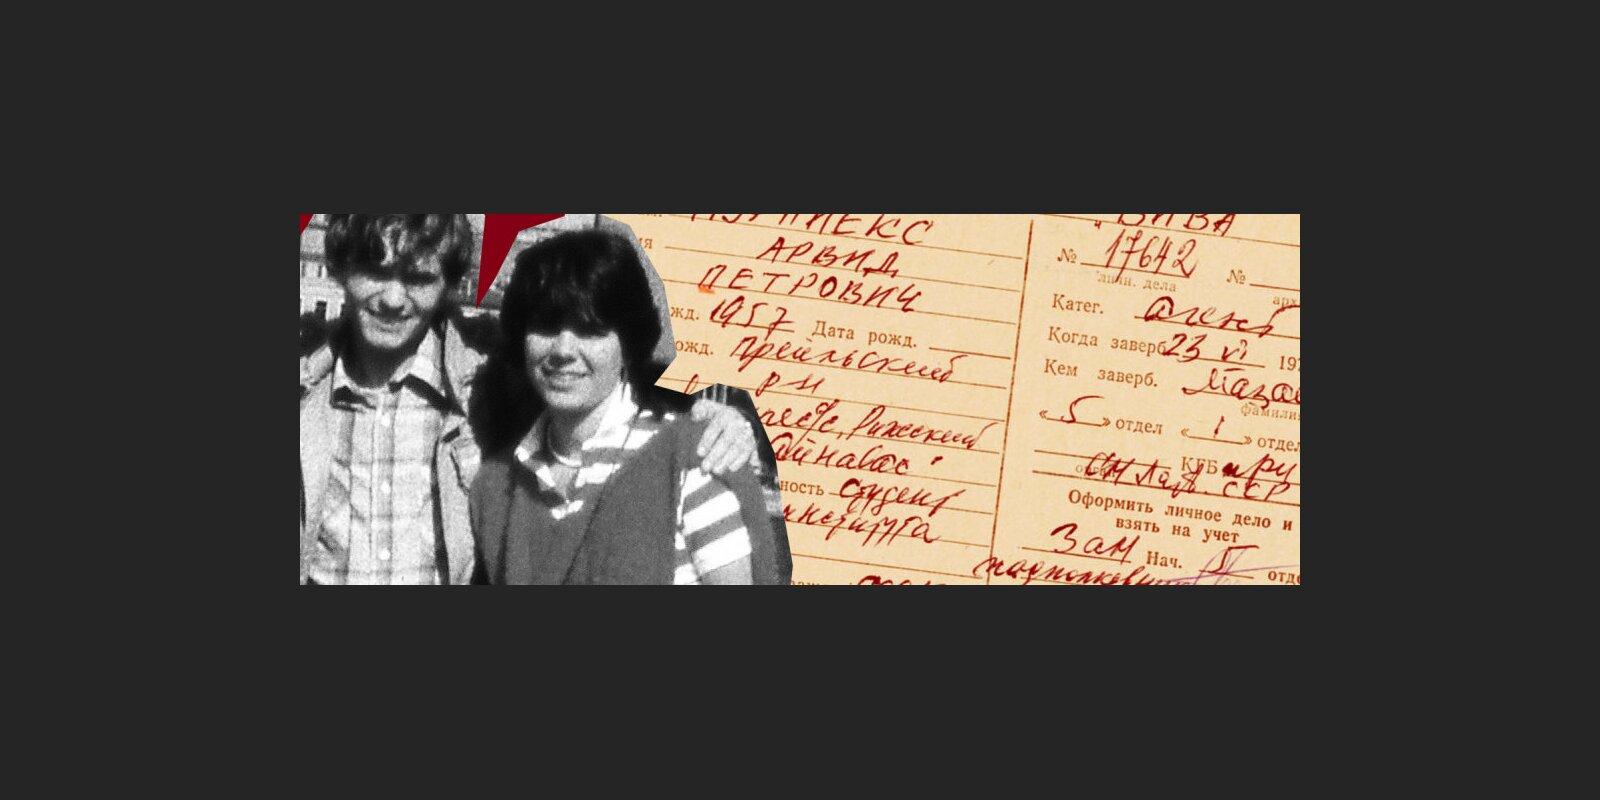 Мешки ЧК: Как советский диджей переписывался с дочкой миллионера